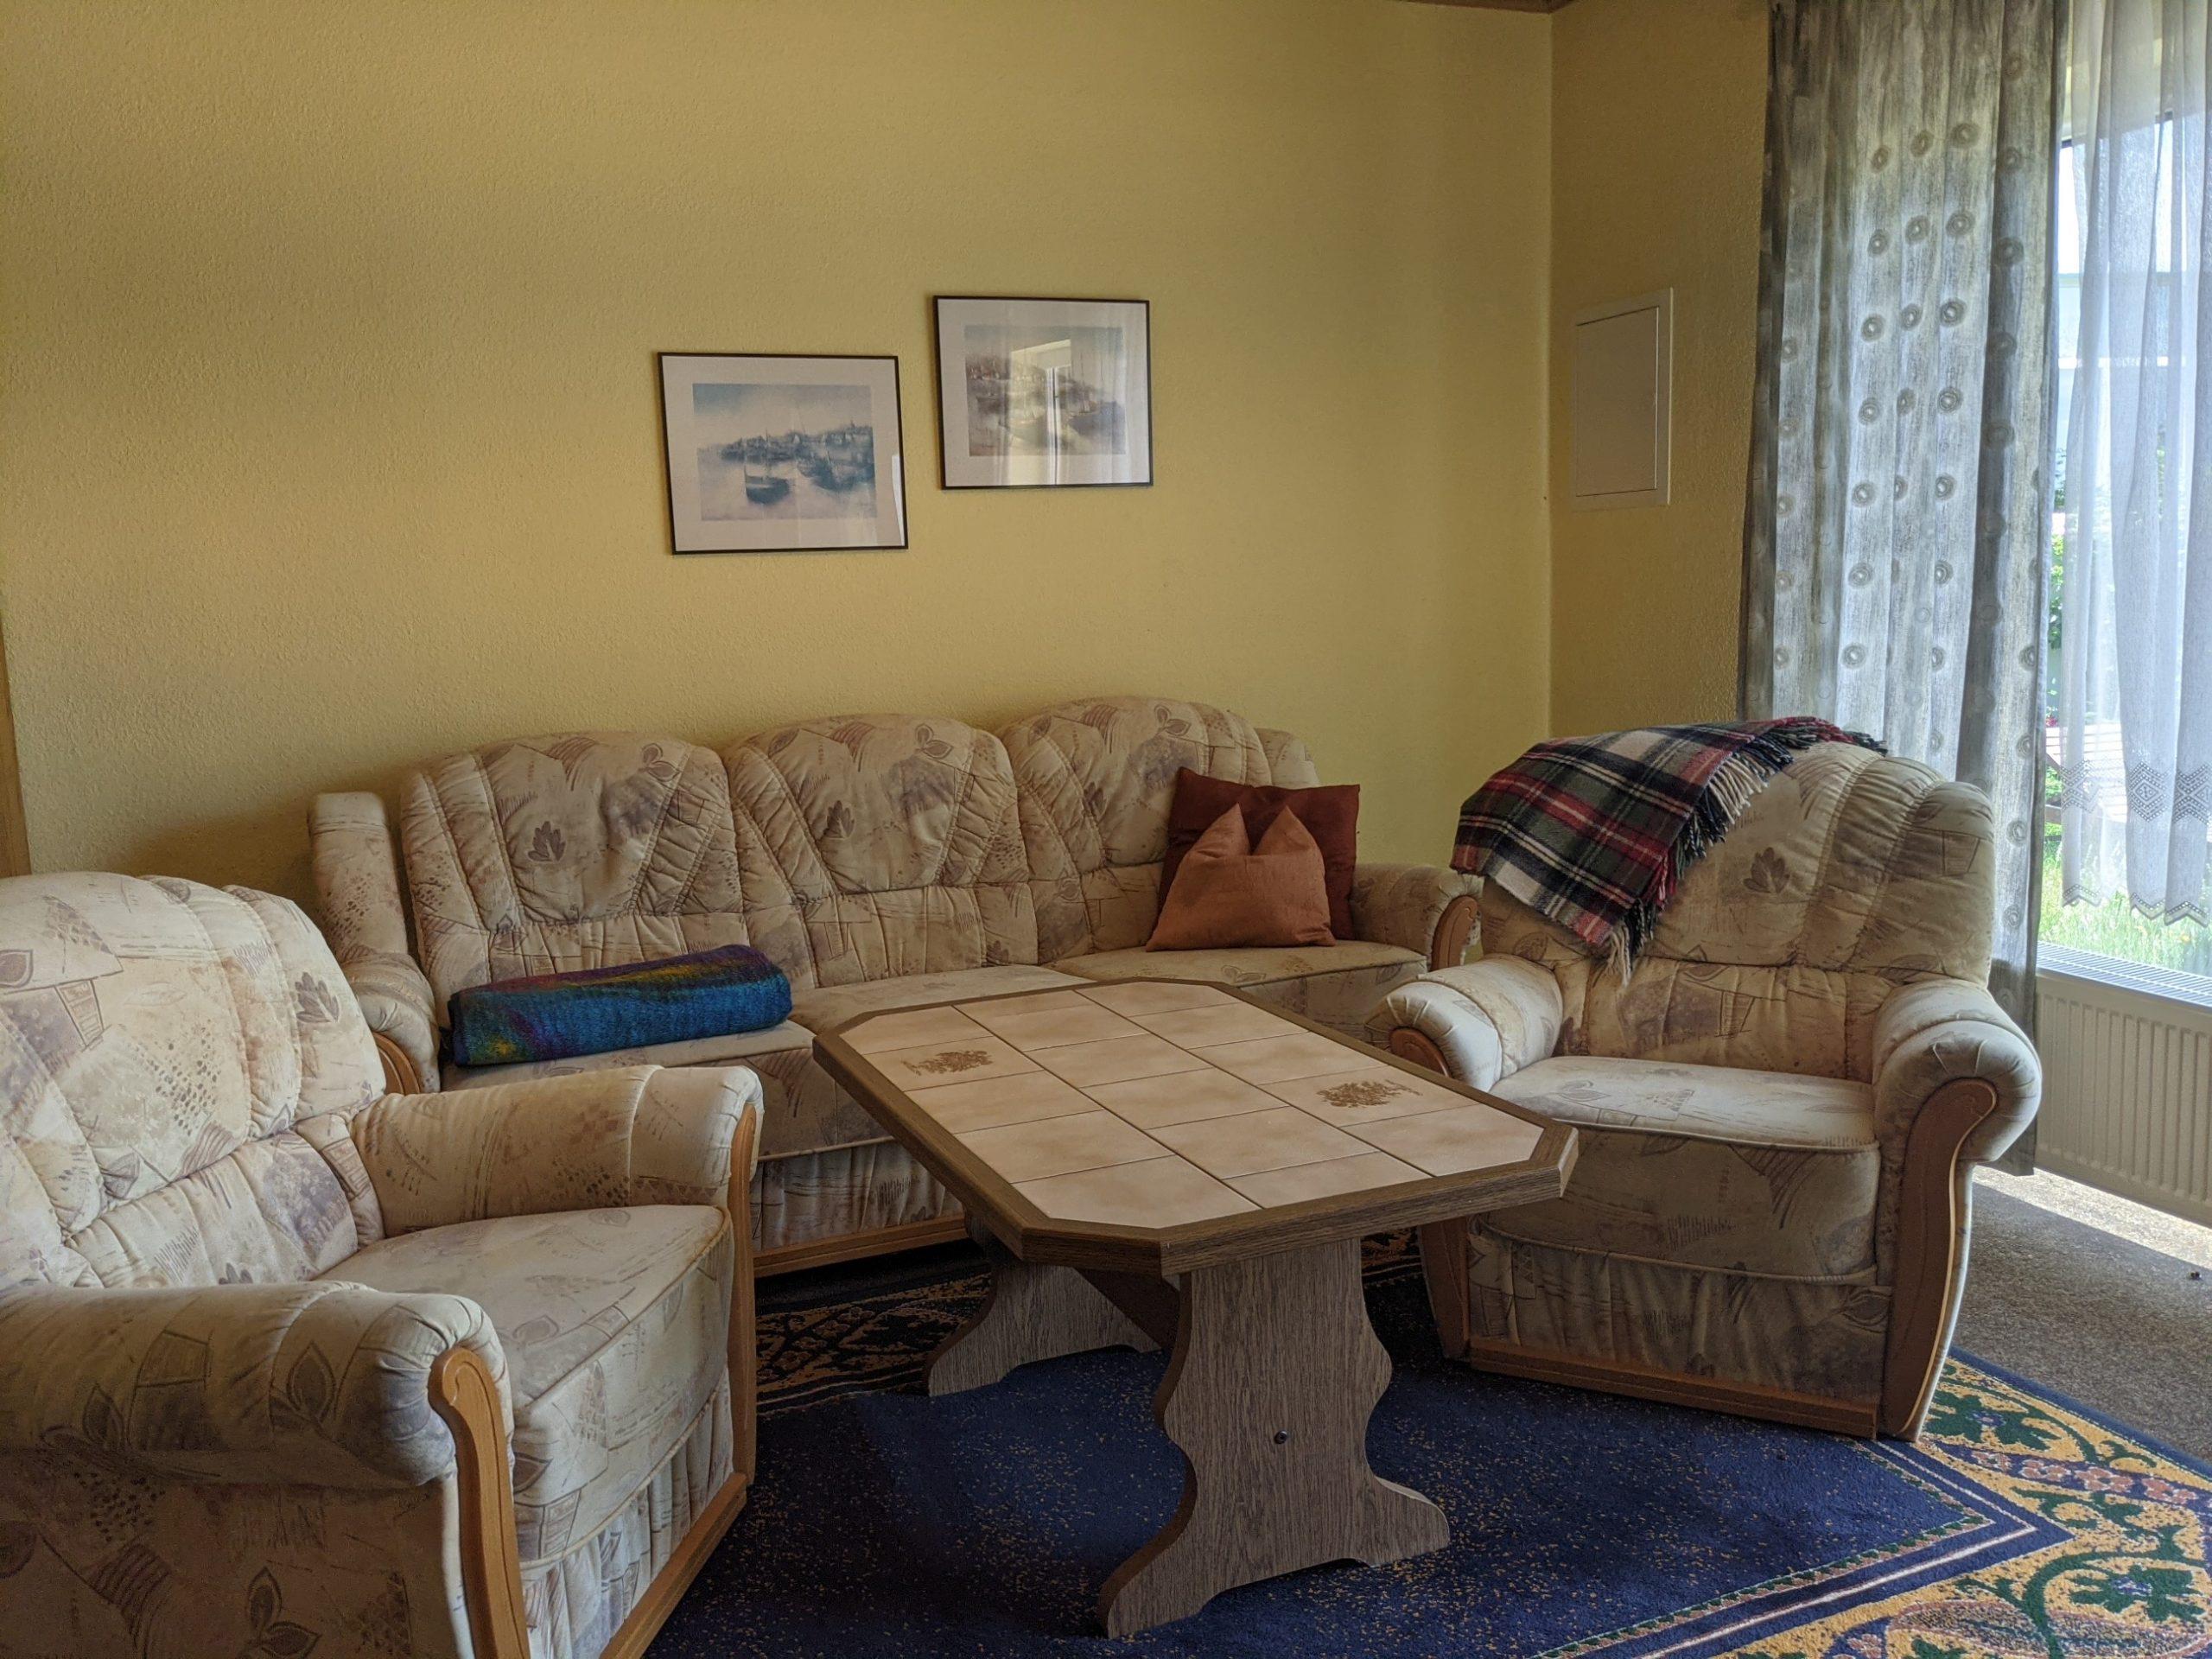 Couch Wohlfühlbereich Sitzecke